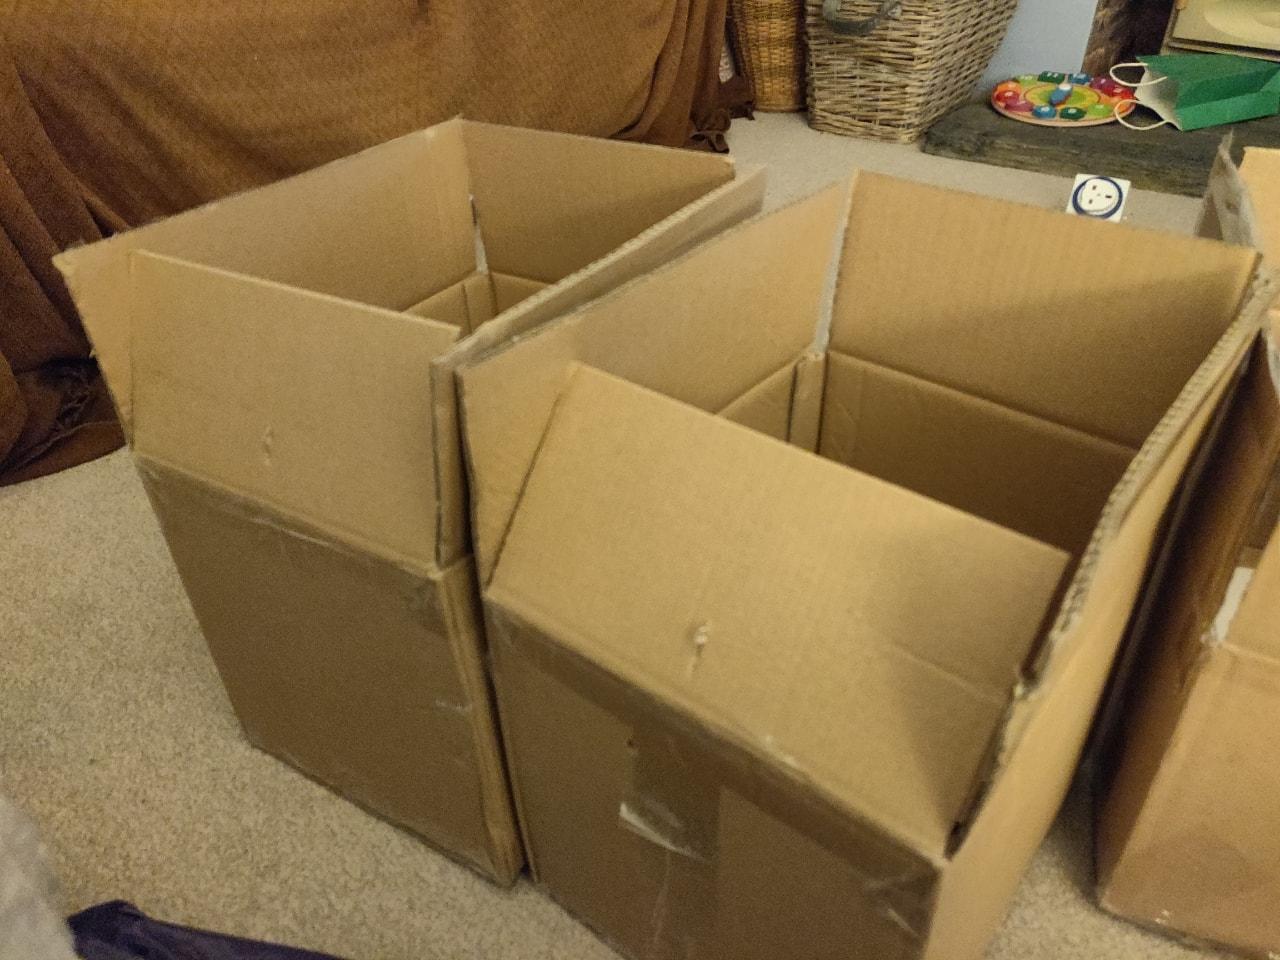 Boxes plus large bubble wrap